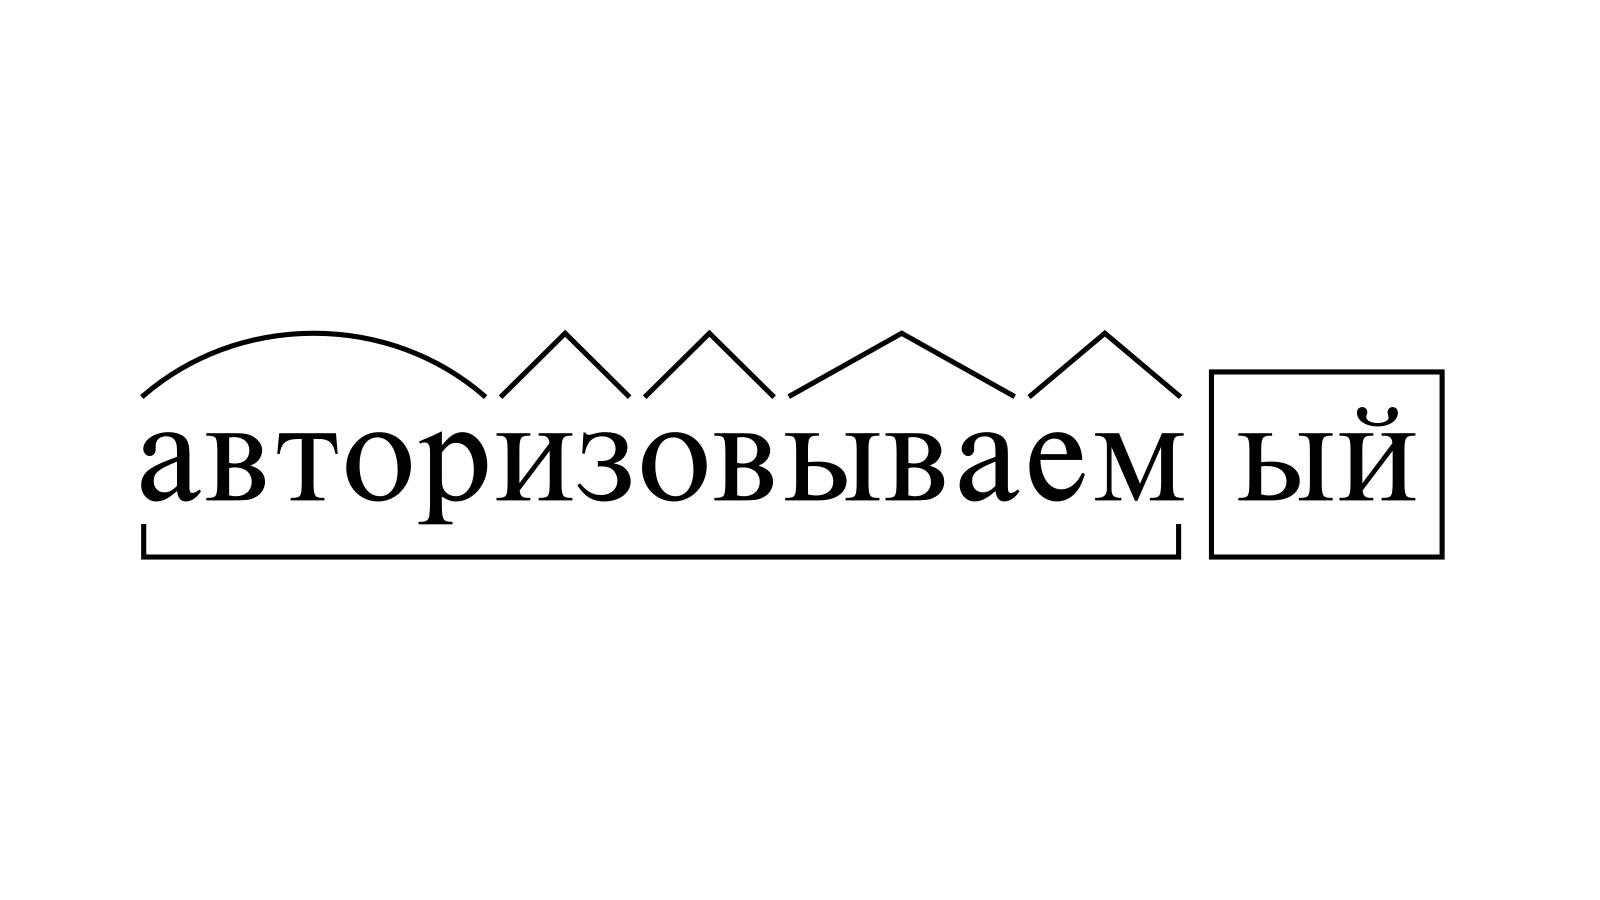 Разбор слова «авторизовываемый» по составу